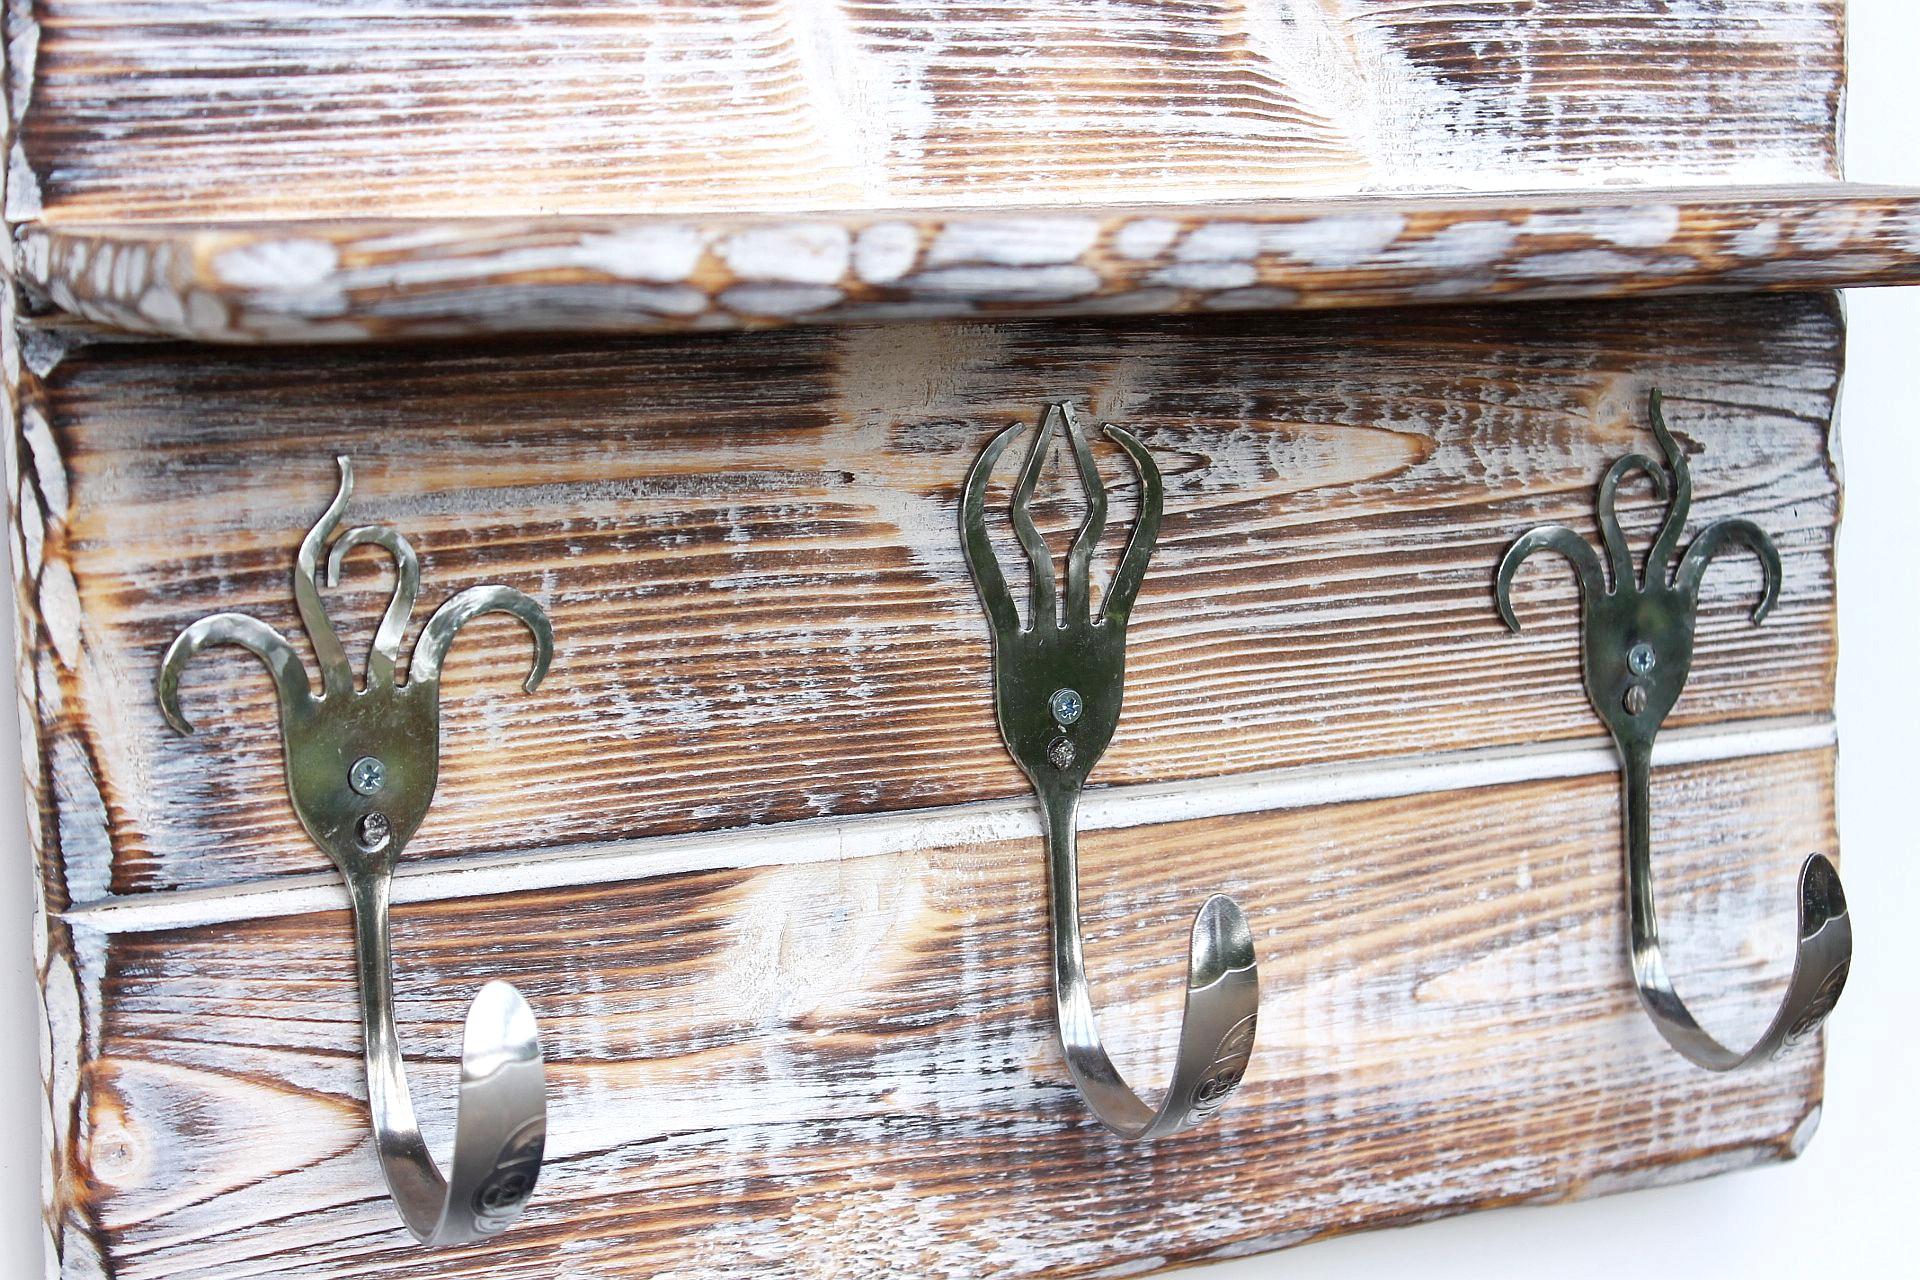 Full Size of Handtuchhalter Für Küche Inselküche Abverkauf Mit Theke Massivholzküche Sideboard Wandverkleidung Ebay Holz Modern Gardinen Die Regal Kleidung Wohnzimmer Handtuchhalter Für Küche